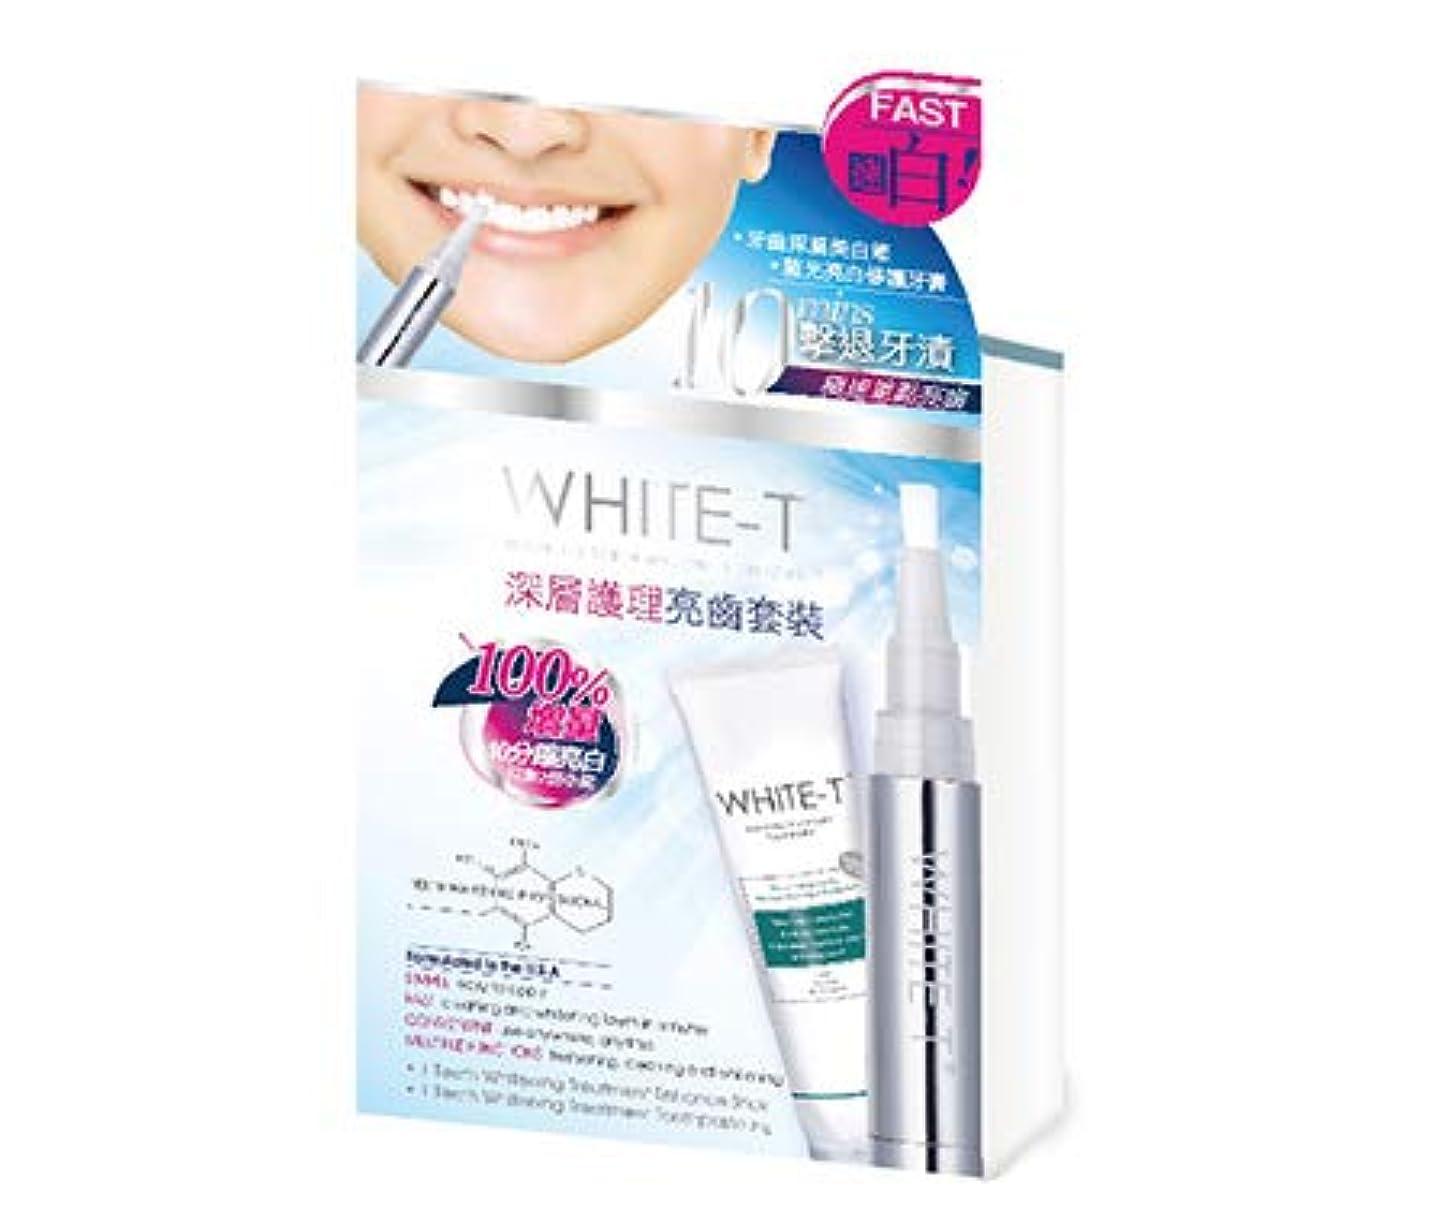 カップメガロポリス振動するWHITE-T ホワイトニング ペンタイプ(4ml) +ホワイトニング歯磨き粉(30g) 並行輸入品